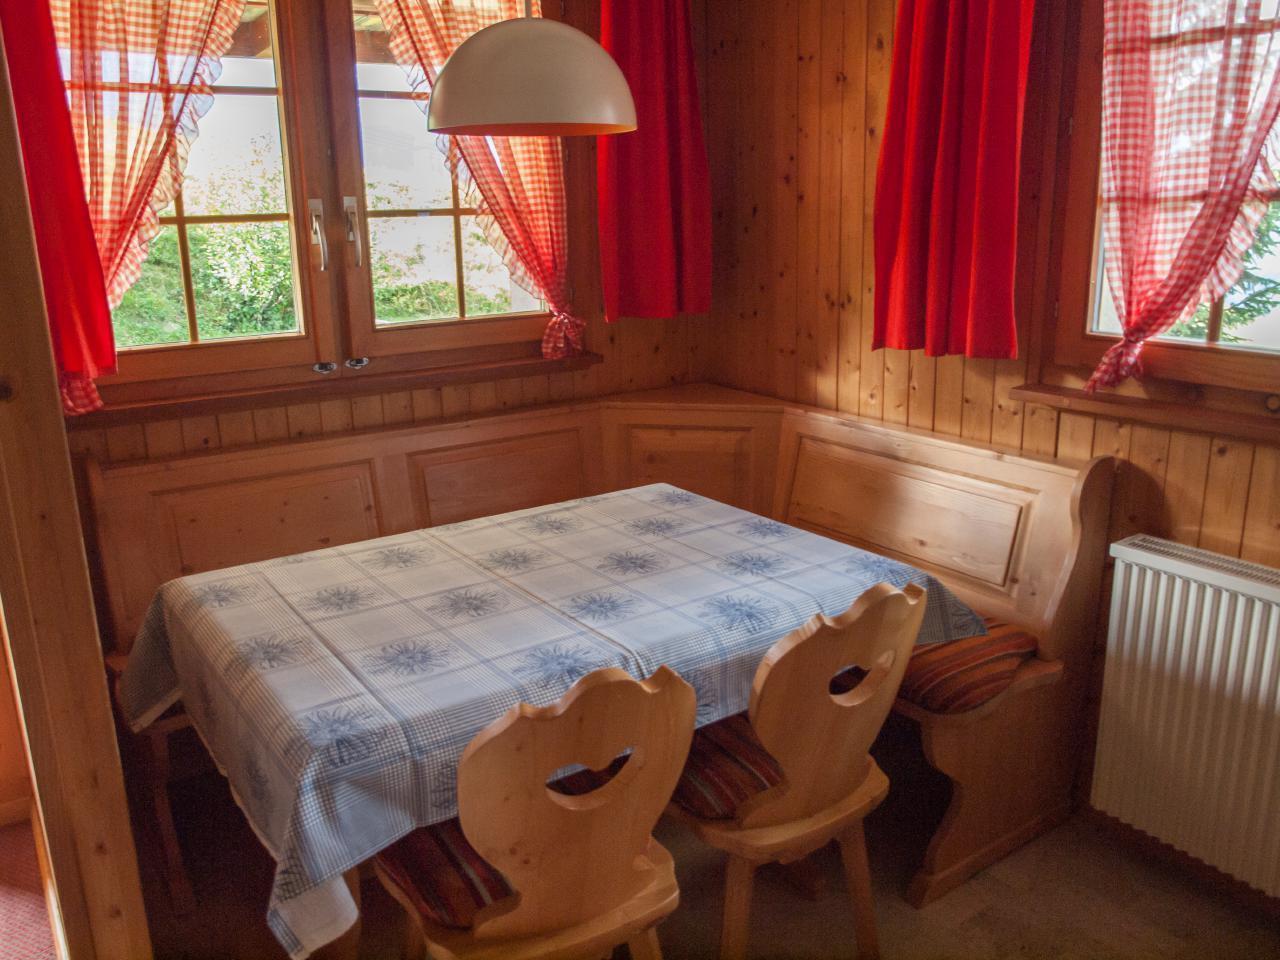 Ferienwohnung Chalet Allegra | Ferienwohnung in den Alpen (2245630), Rosswald, Brig - Simplon, Wallis, Schweiz, Bild 22